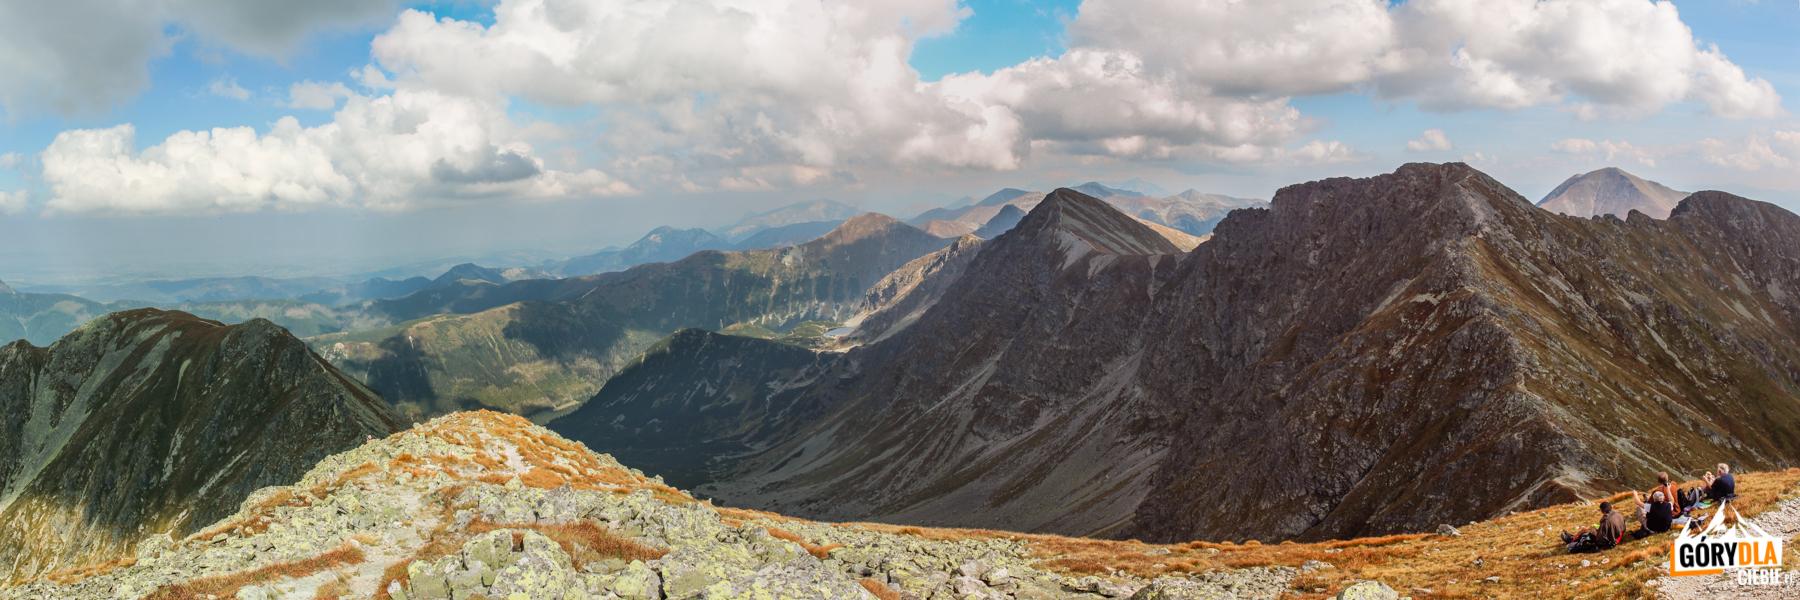 Widok zeszczytu Pahoła (2167 m) naDolinę Spaloną igrań Rohaczy